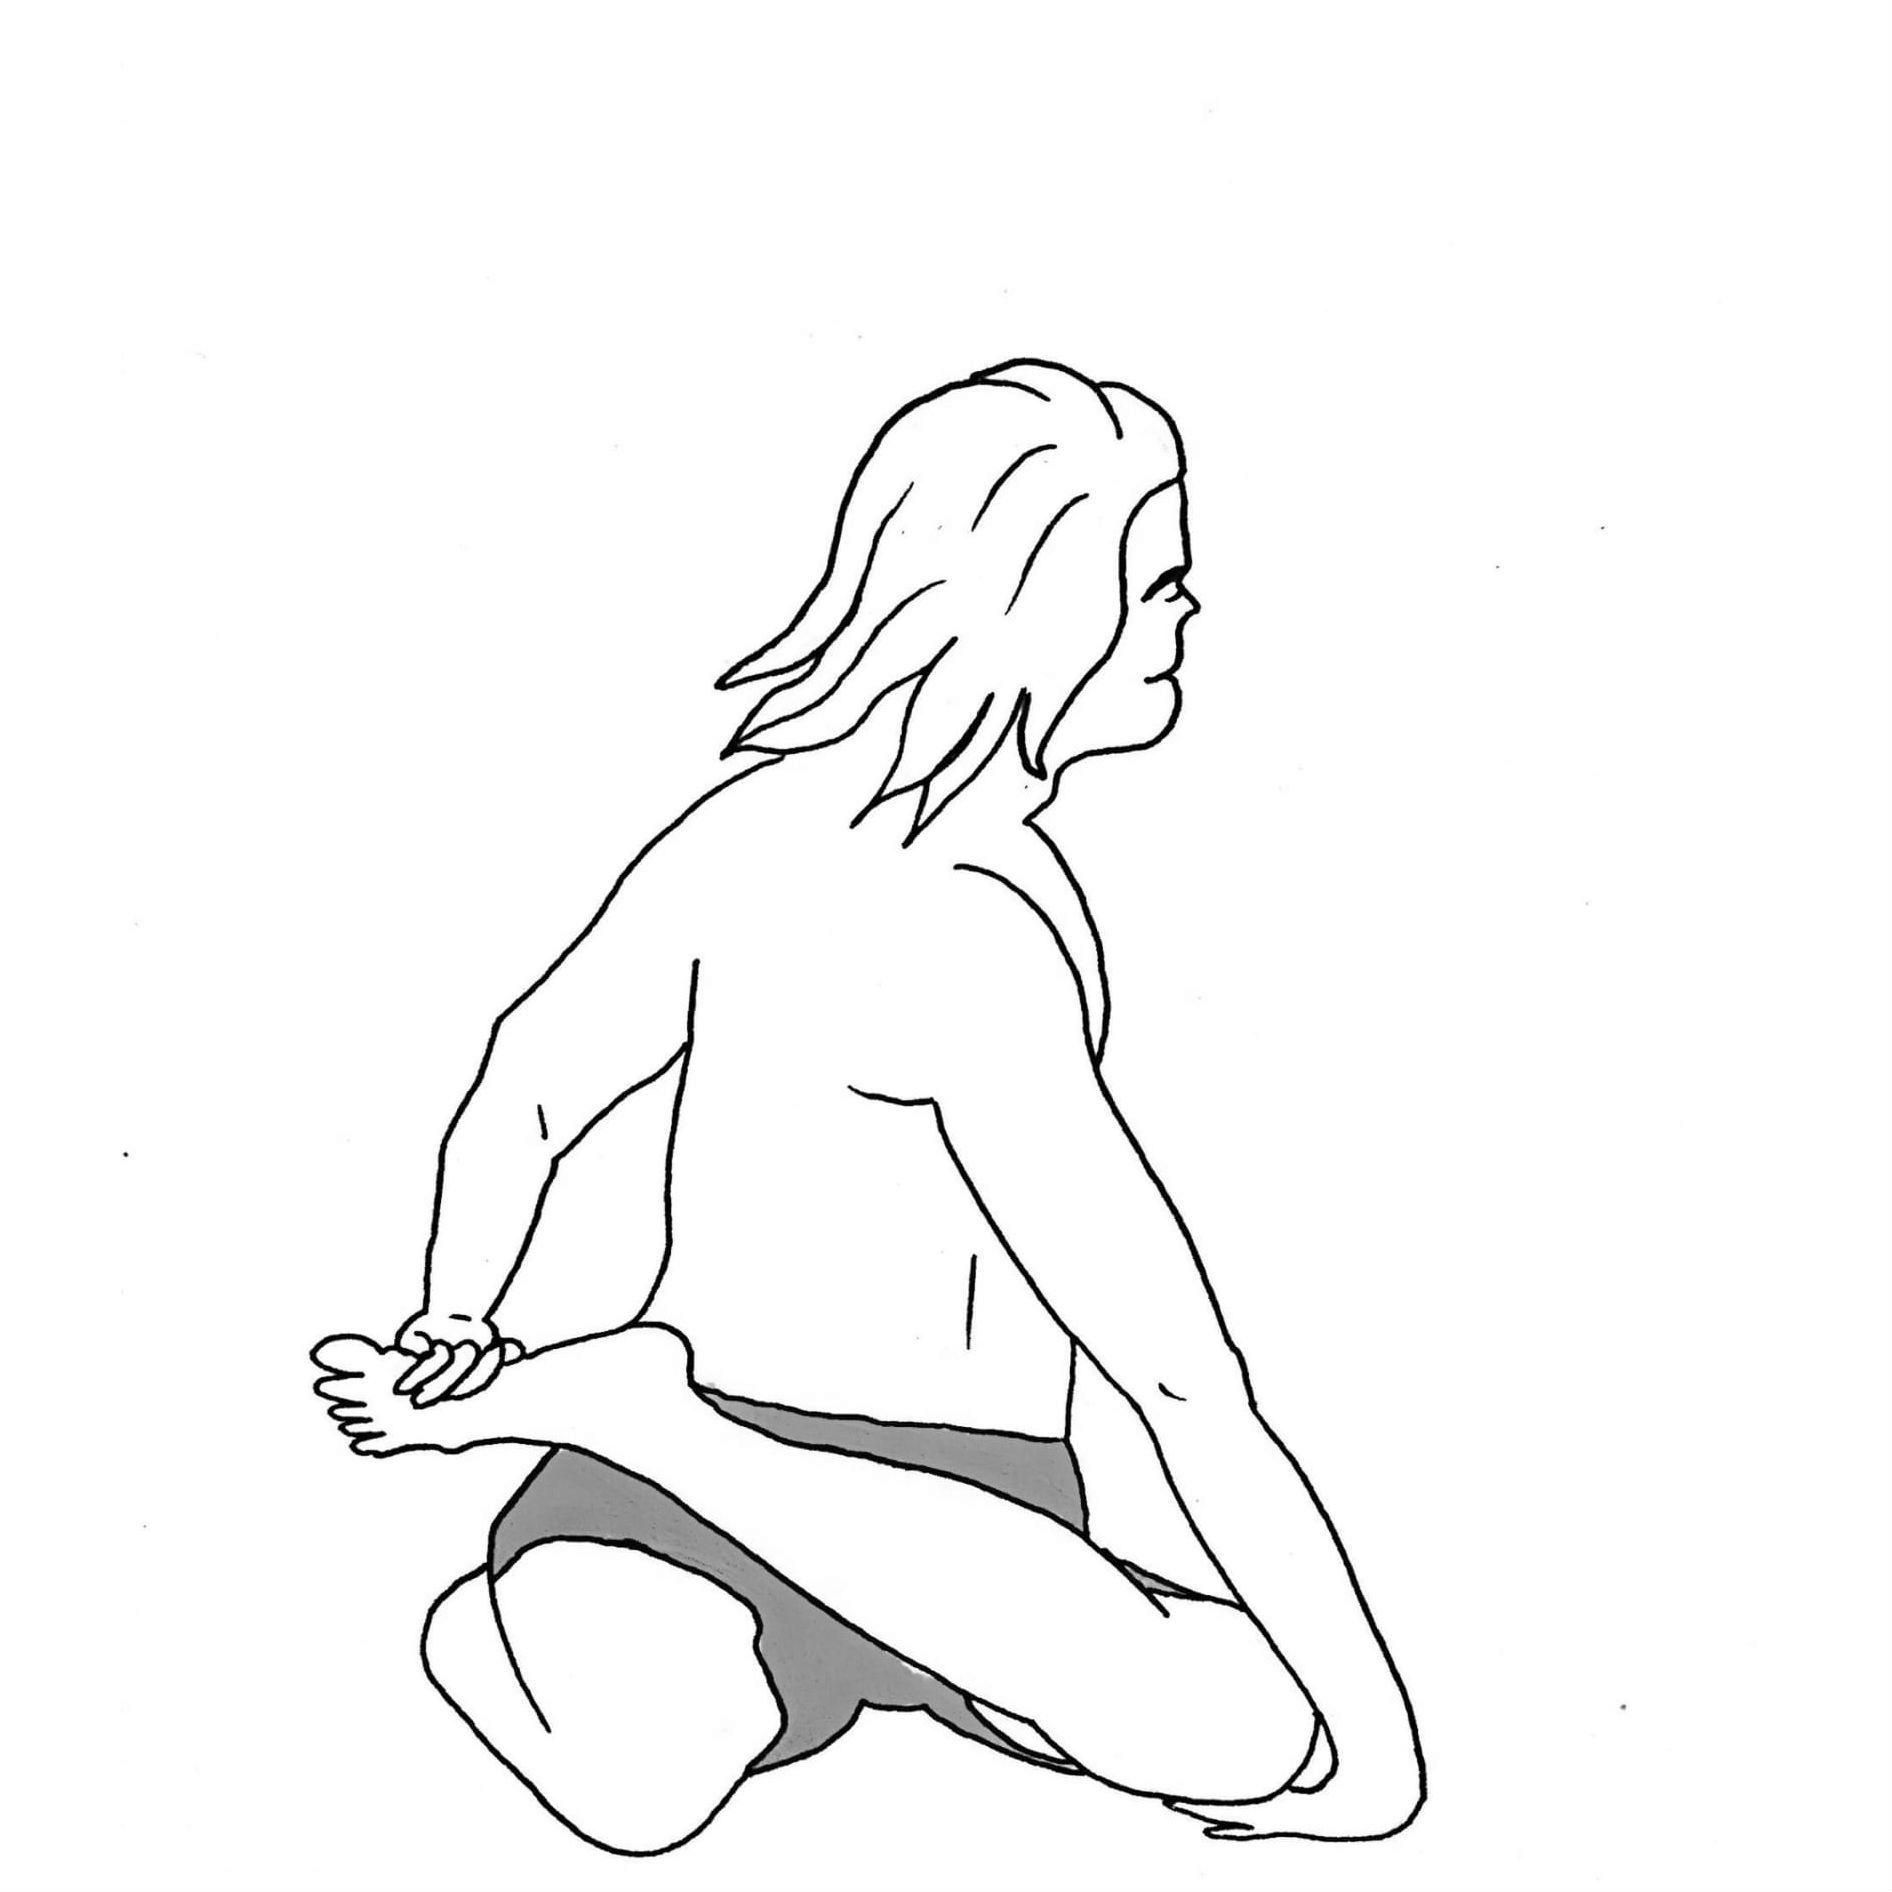 Bharadvaja's Twist - Bharadvaja 1